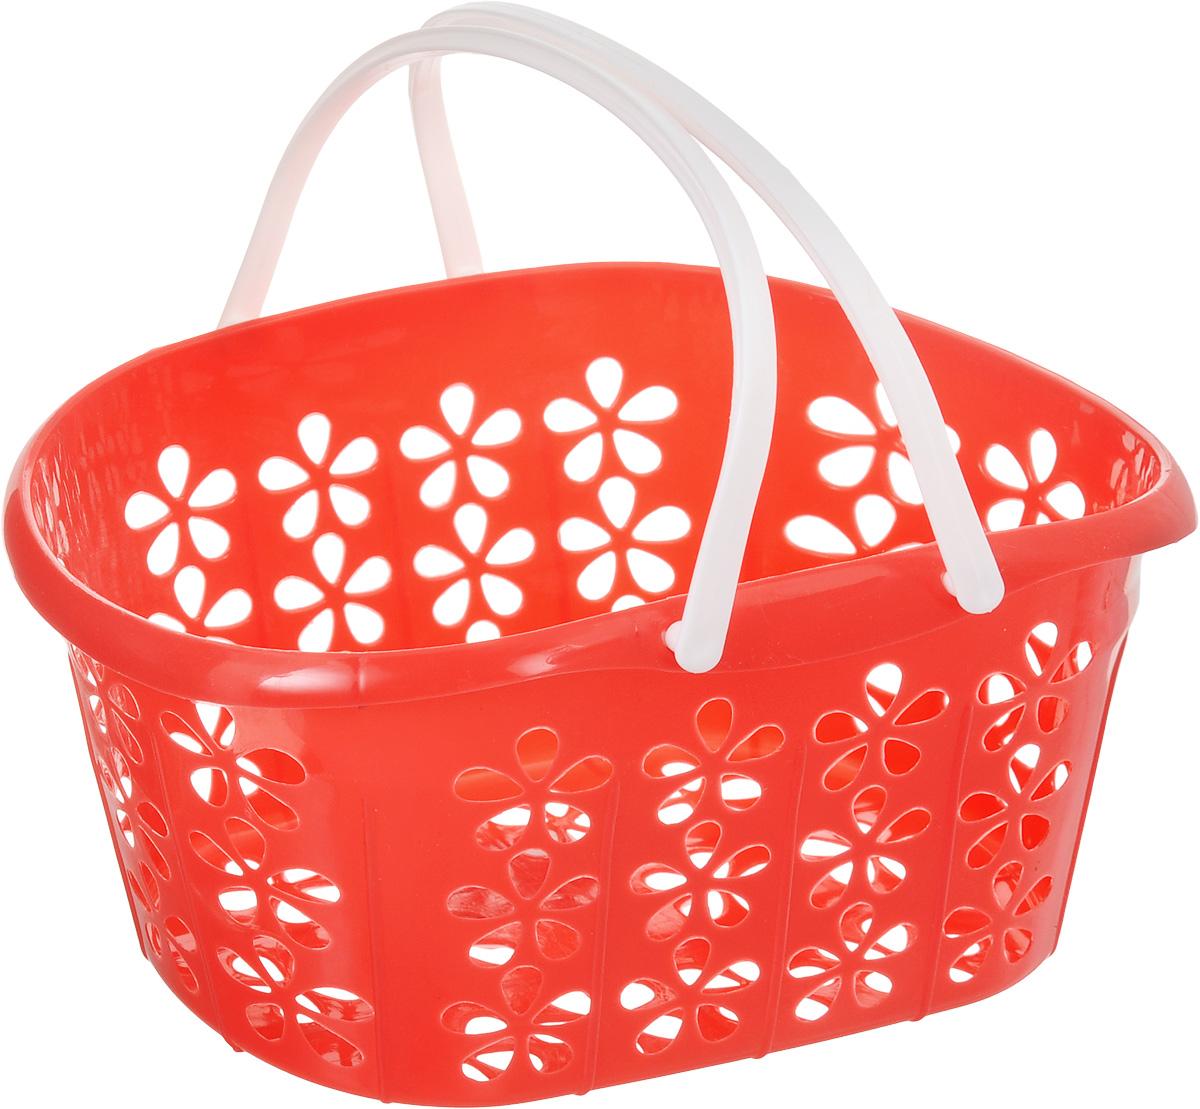 Корзинка Sima-land, с ручками, цвет: красный, 22,5 х 16,5 х 12 см139077_красныйКорзинка Sima-land, изготовленная из высококачественного прочного пластика, предназначена для хранения мелочей в ванной, на кухне, даче или гараже. Изделие оснащено двумя удобными складными ручками. Это легкая корзина с сетчатым дном, жесткой кромкой и небольшими отверстиями позволяет хранить вещи в одном месте, исключая возможность их потери. Сетчатое дно исключает скопление пыли и влаги на дне корзины.